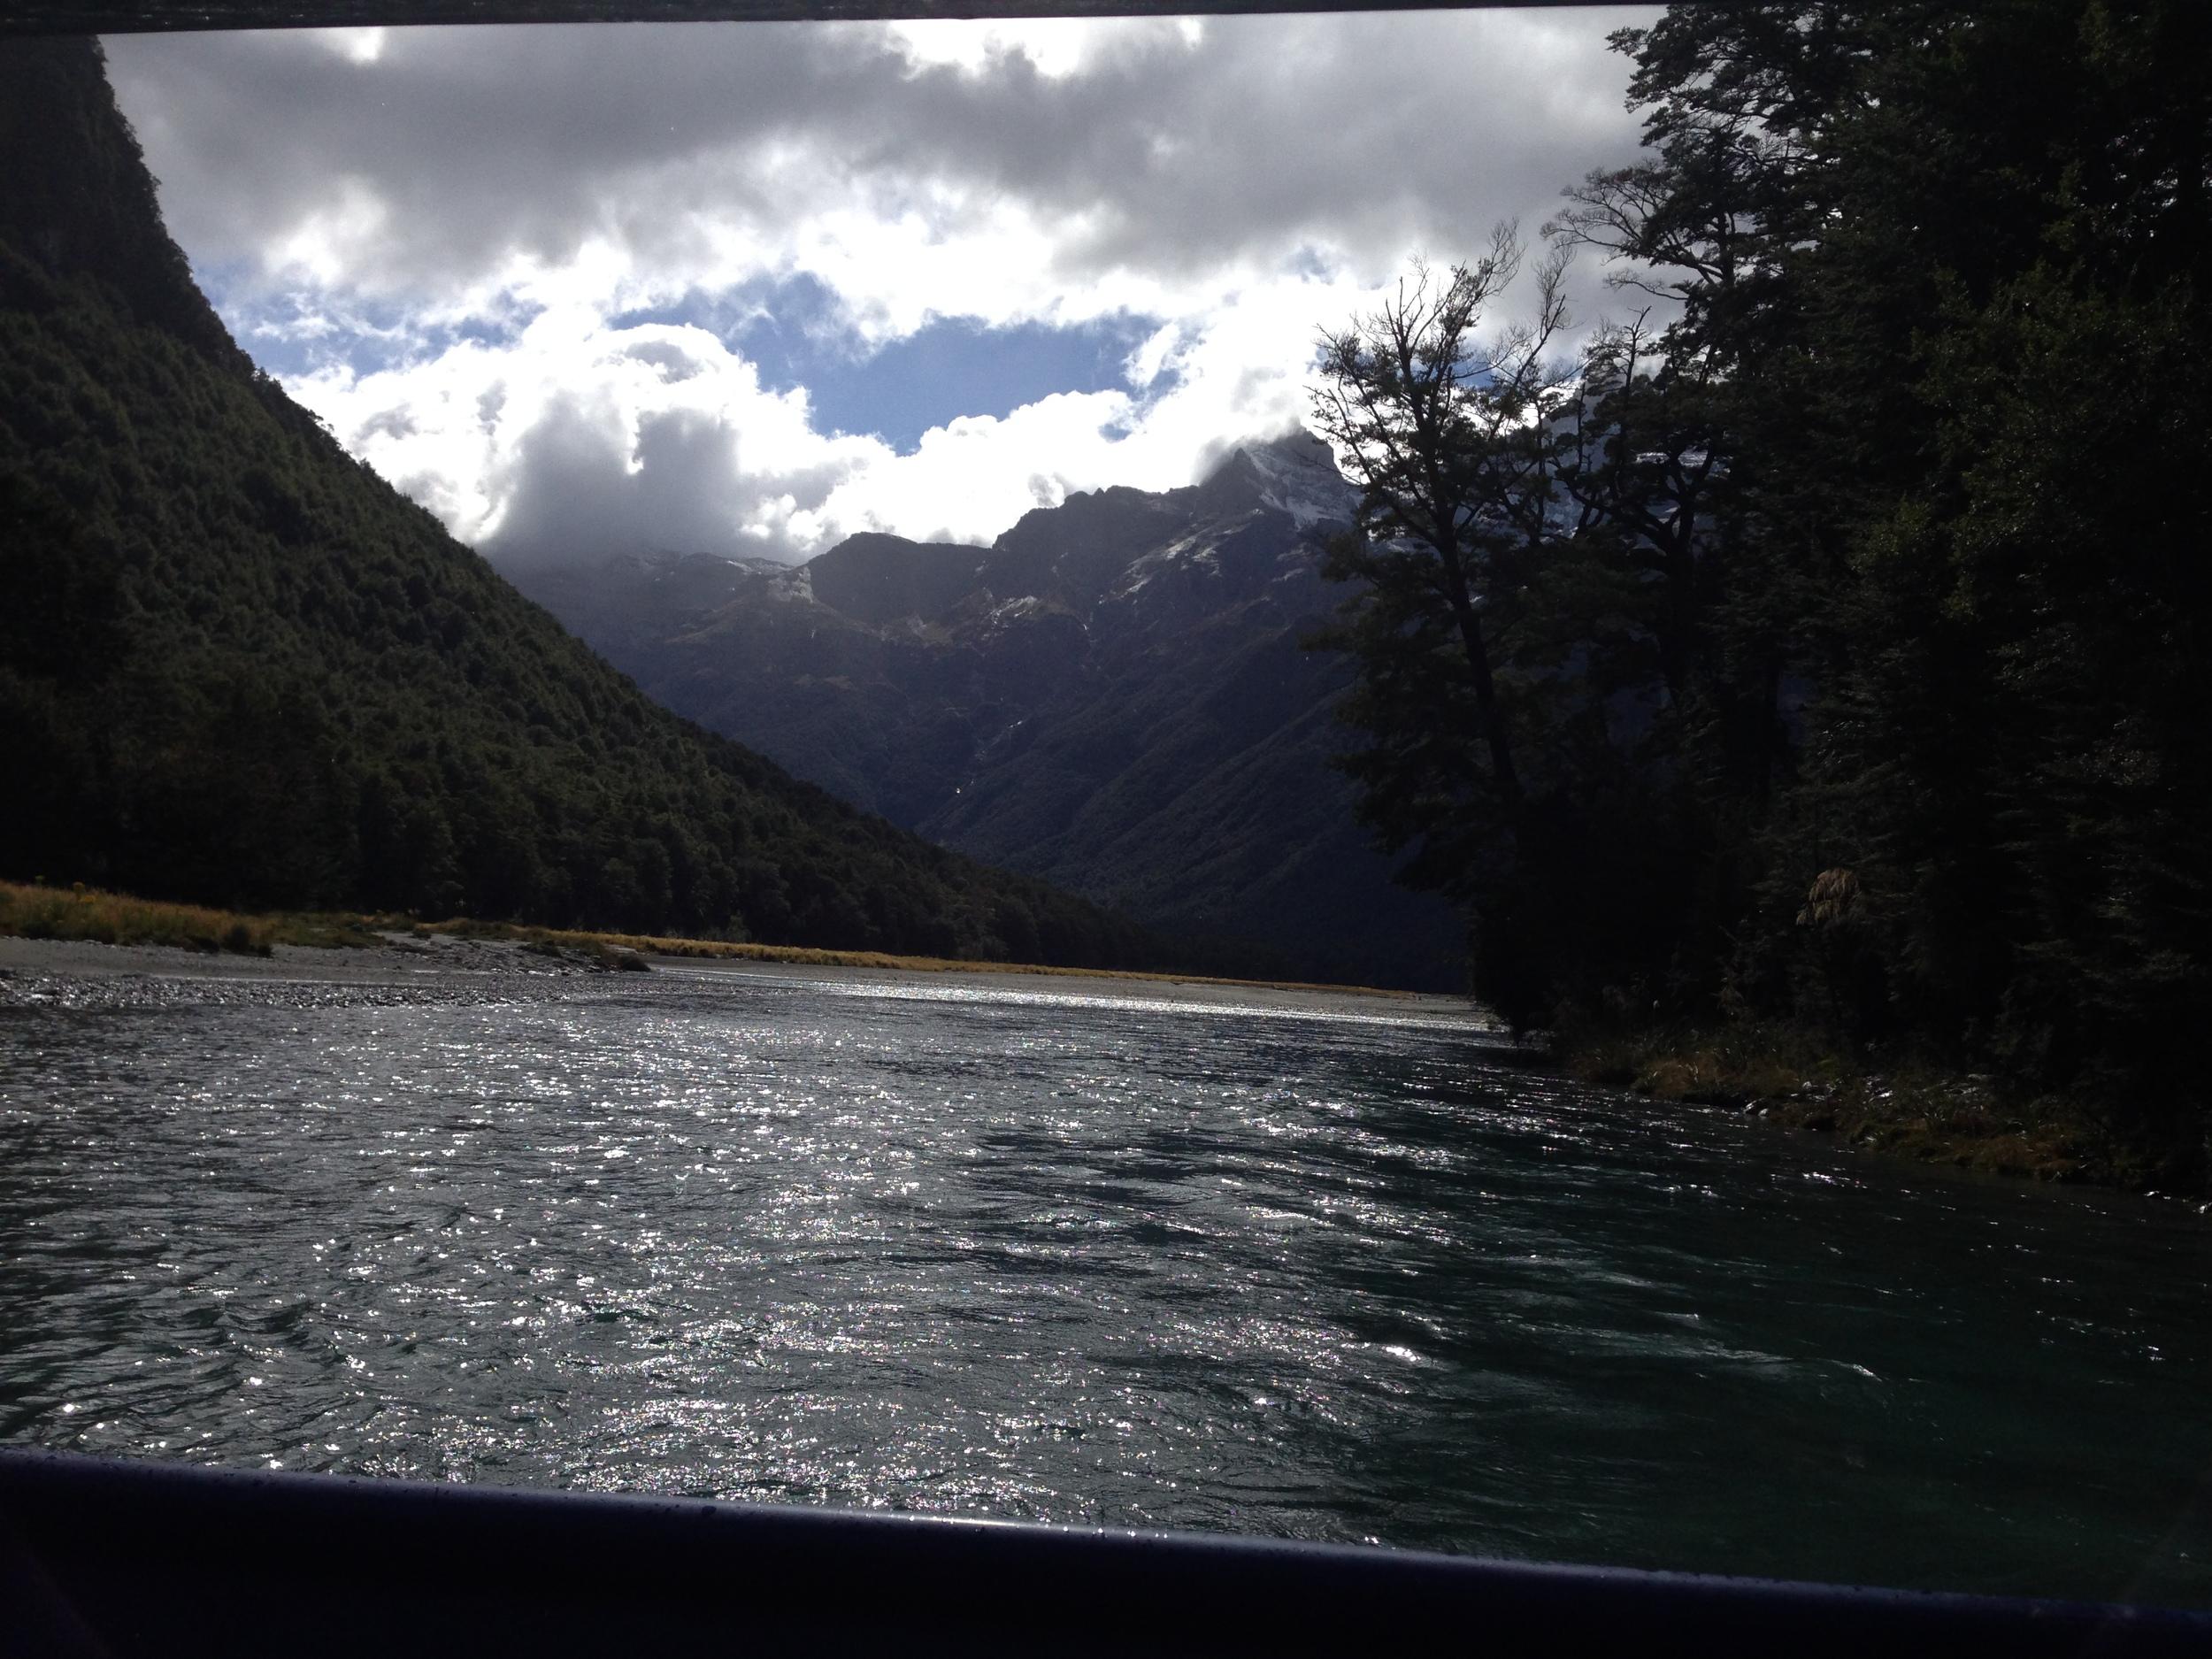 Glenorky, New Zealand